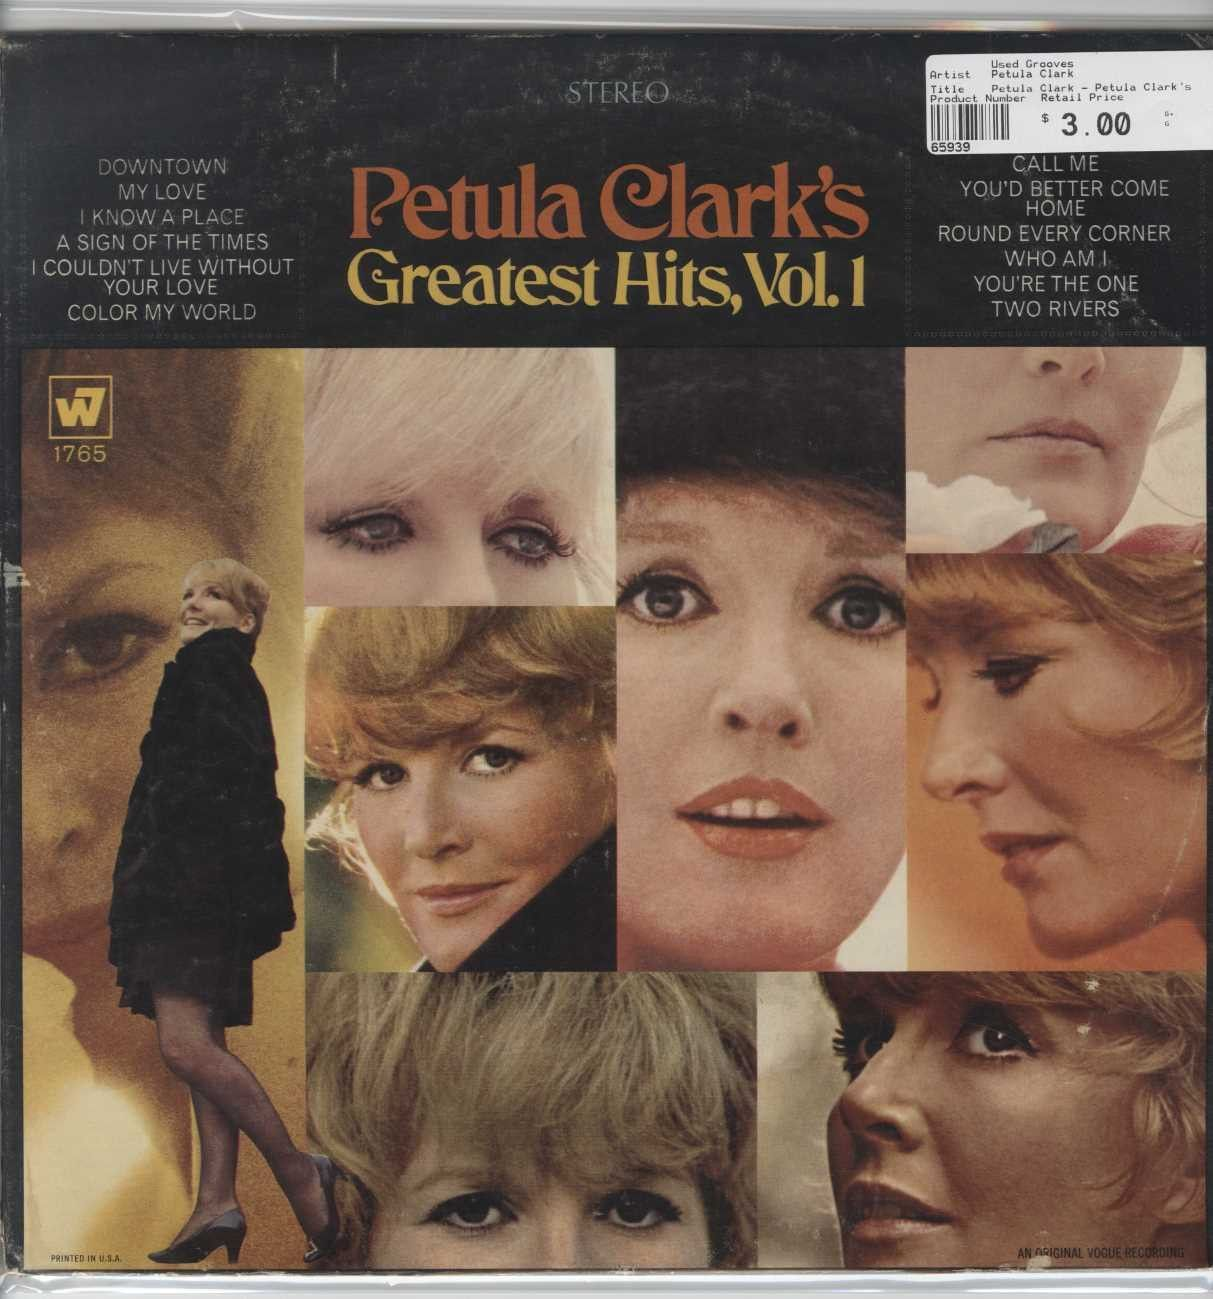 Petula clark petula clark s greatest hits